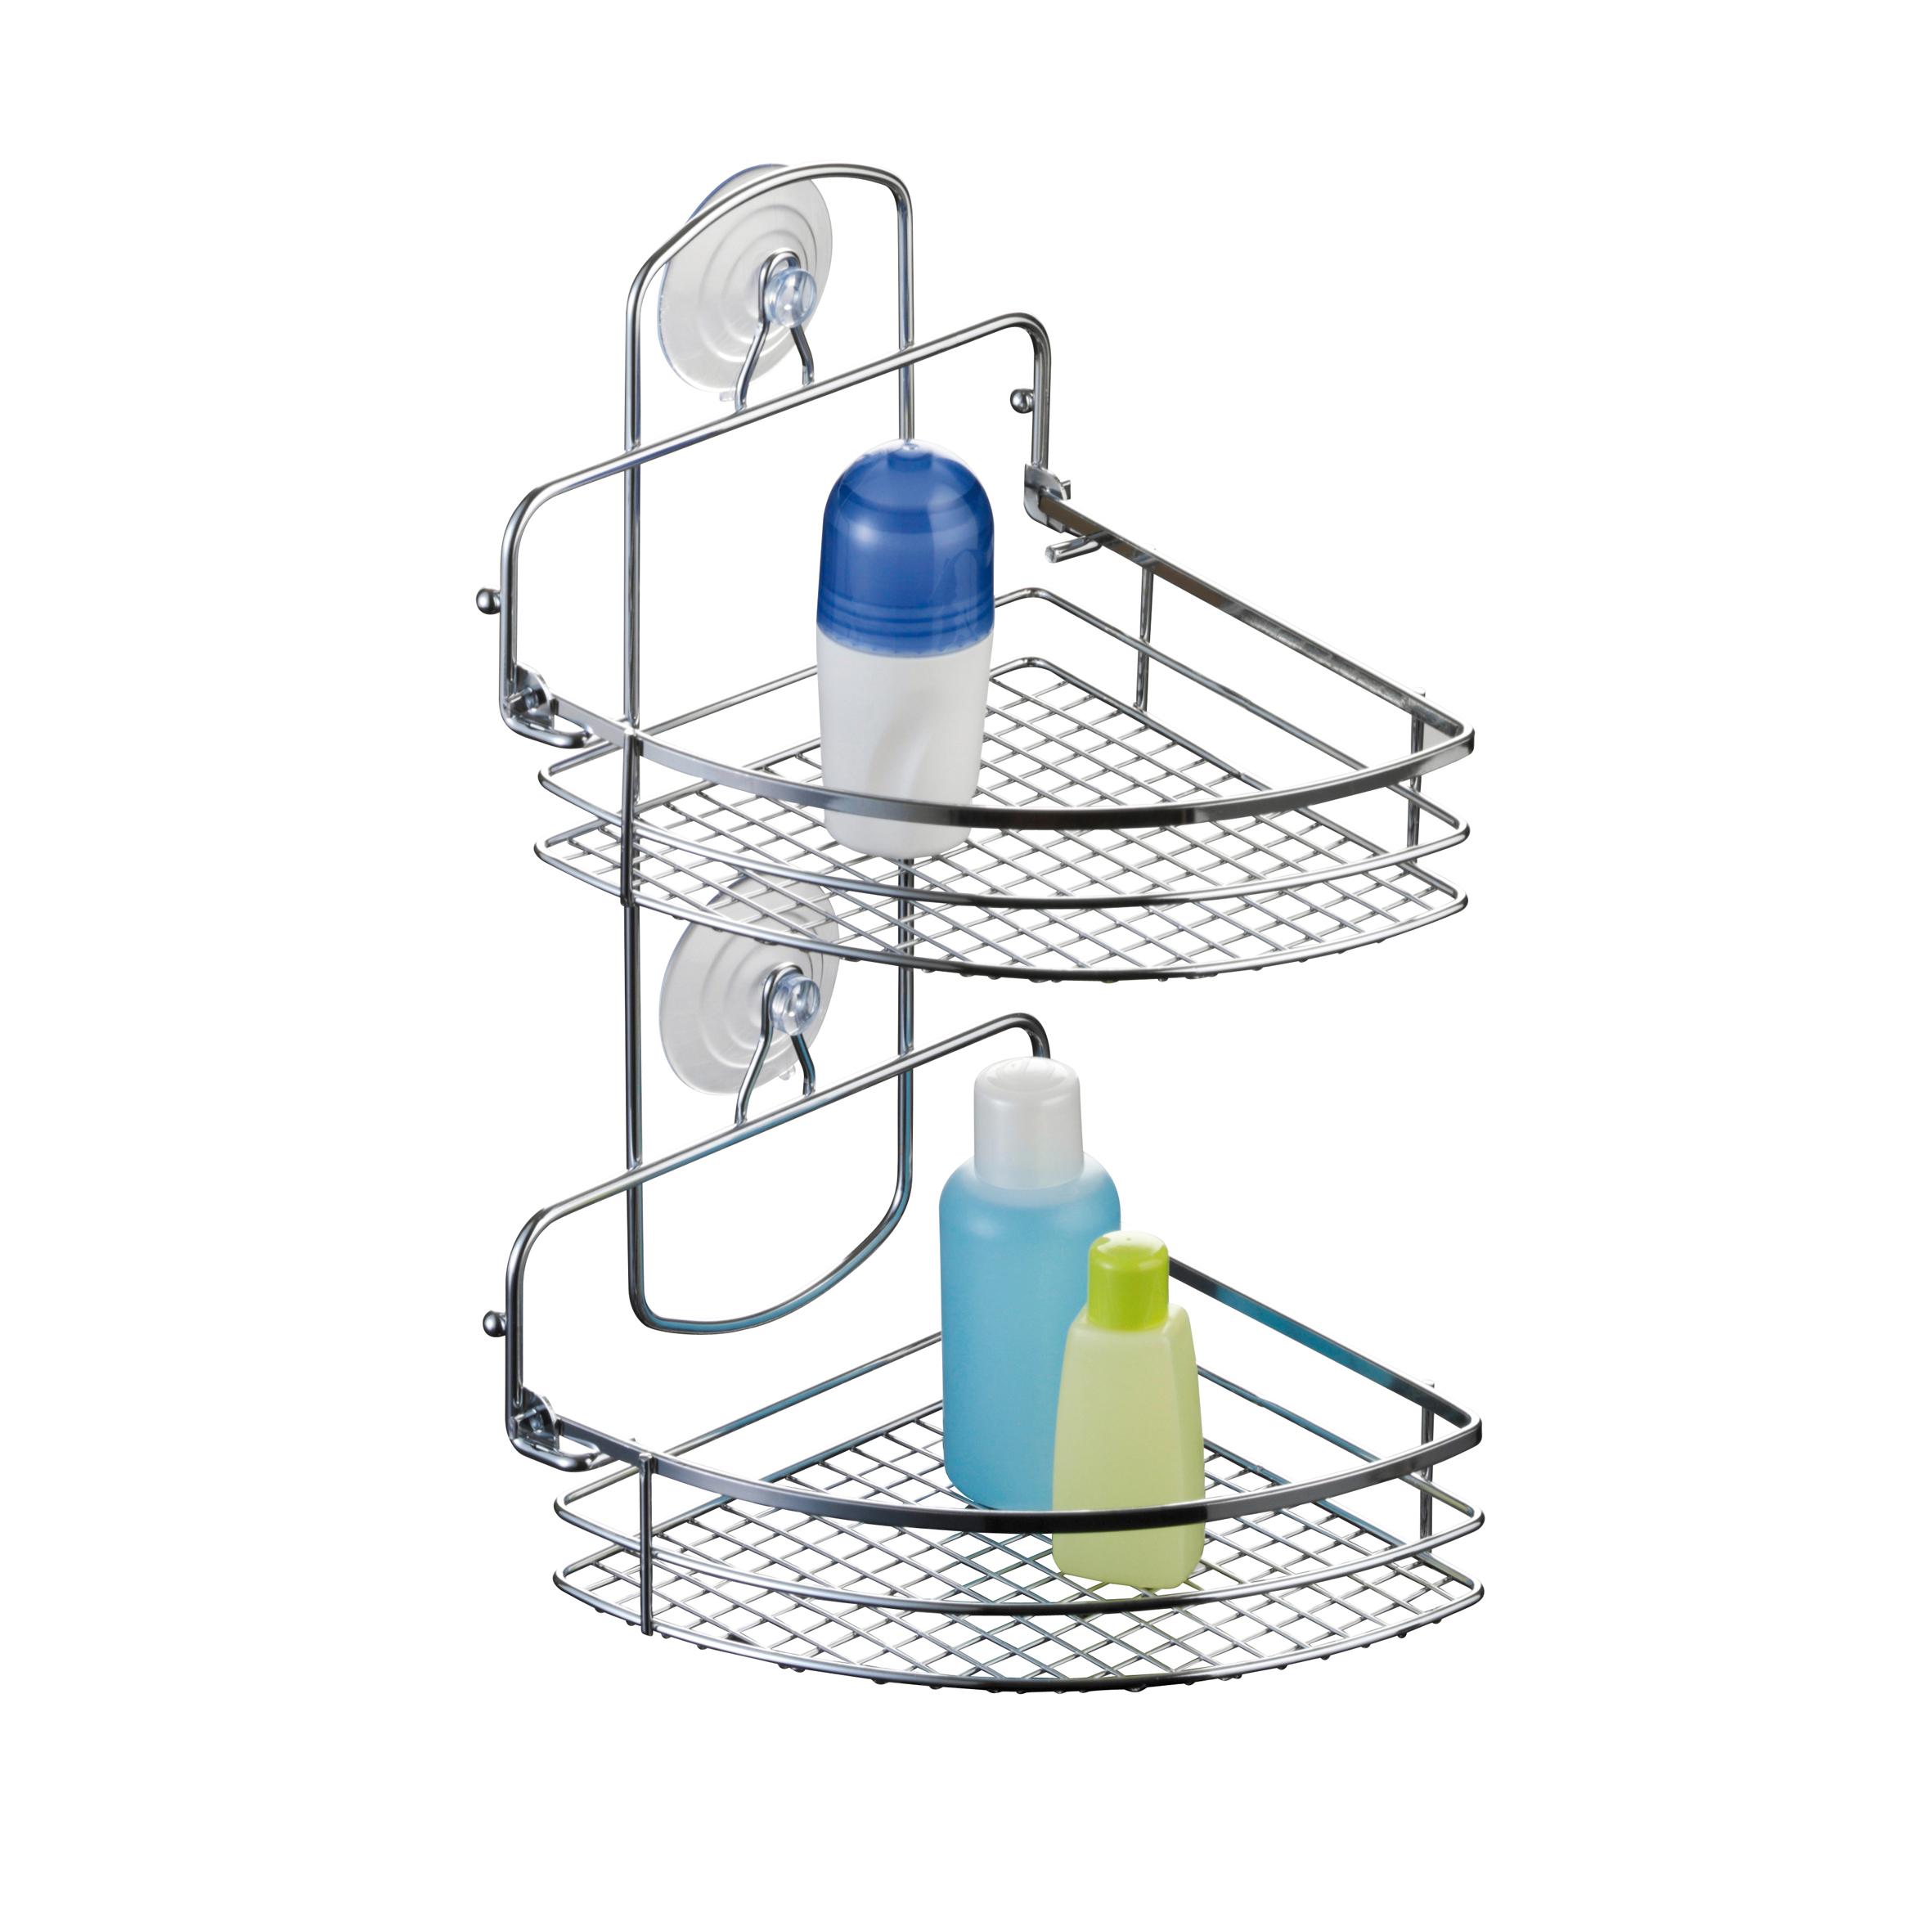 Полка для ванной Axentia Cassandra, угловая, двухъярусная, 20 х 27 х 37 см391602Двухъярусная полка для ванной Axentia Cassandra изготовлена из стали с качественным хромированным покрытием, которое на долго защитит изделие от ржавчины в условиях высокой влажности в ванной комнате. Изделие имеет угловую конструкцию и два вида крепления: на присосках или на шурупах (входят в комплект). Классический дизайн и оптимальная вместимость подойдет для любого интерьера ванной комнаты или кухни.Размер полки: 29,5 х 11 х 46 см.